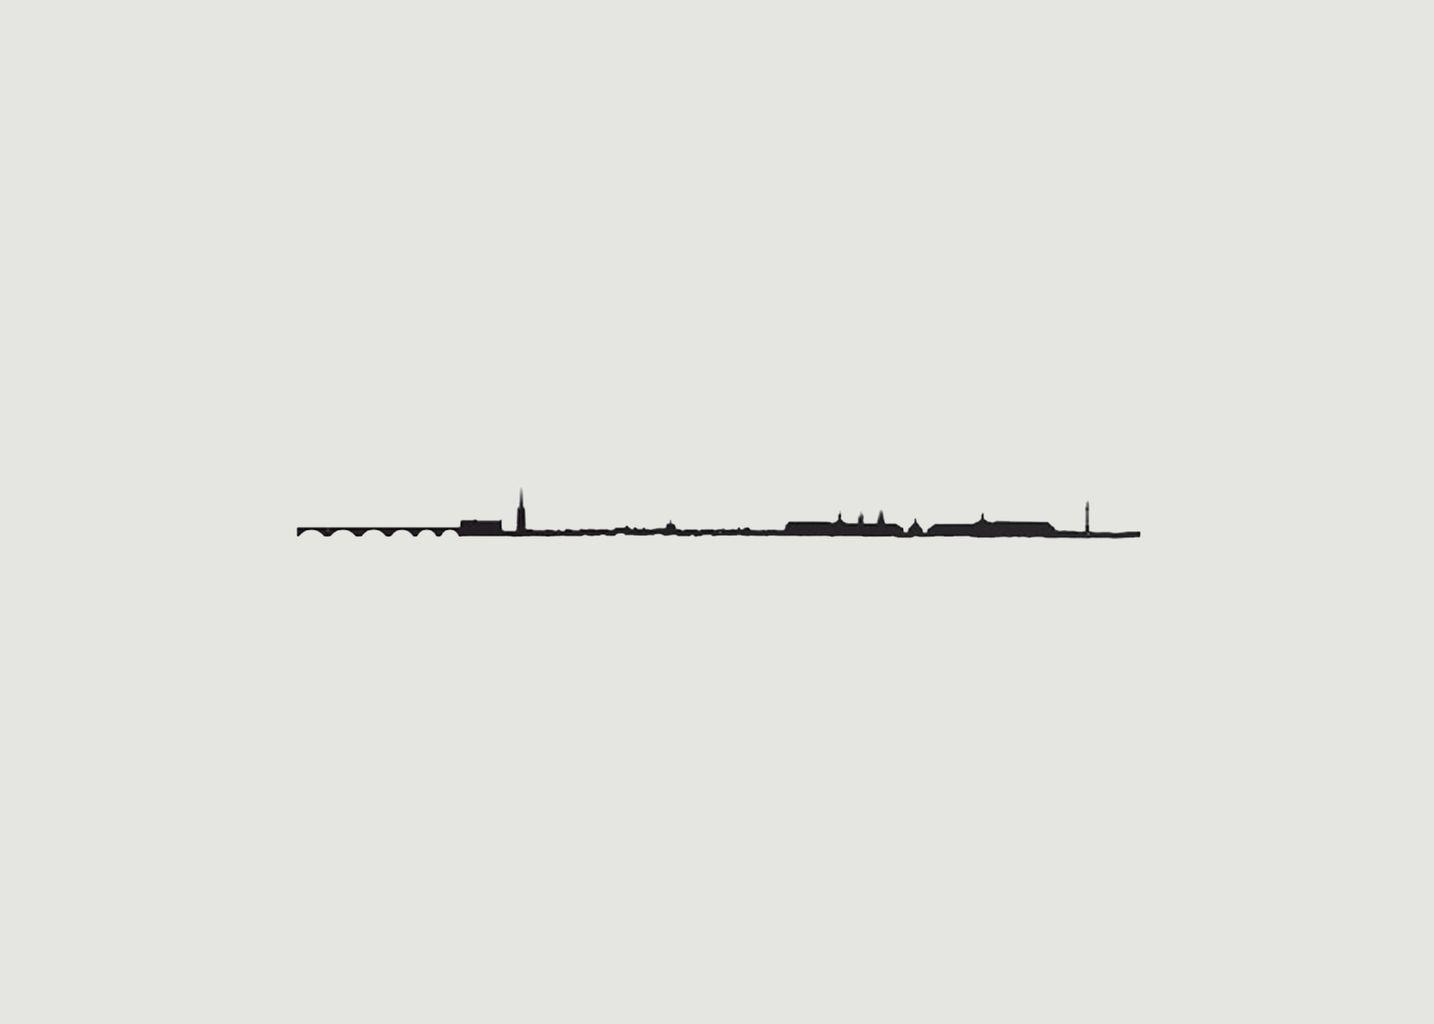 Silhouette Bordeaux - The Line